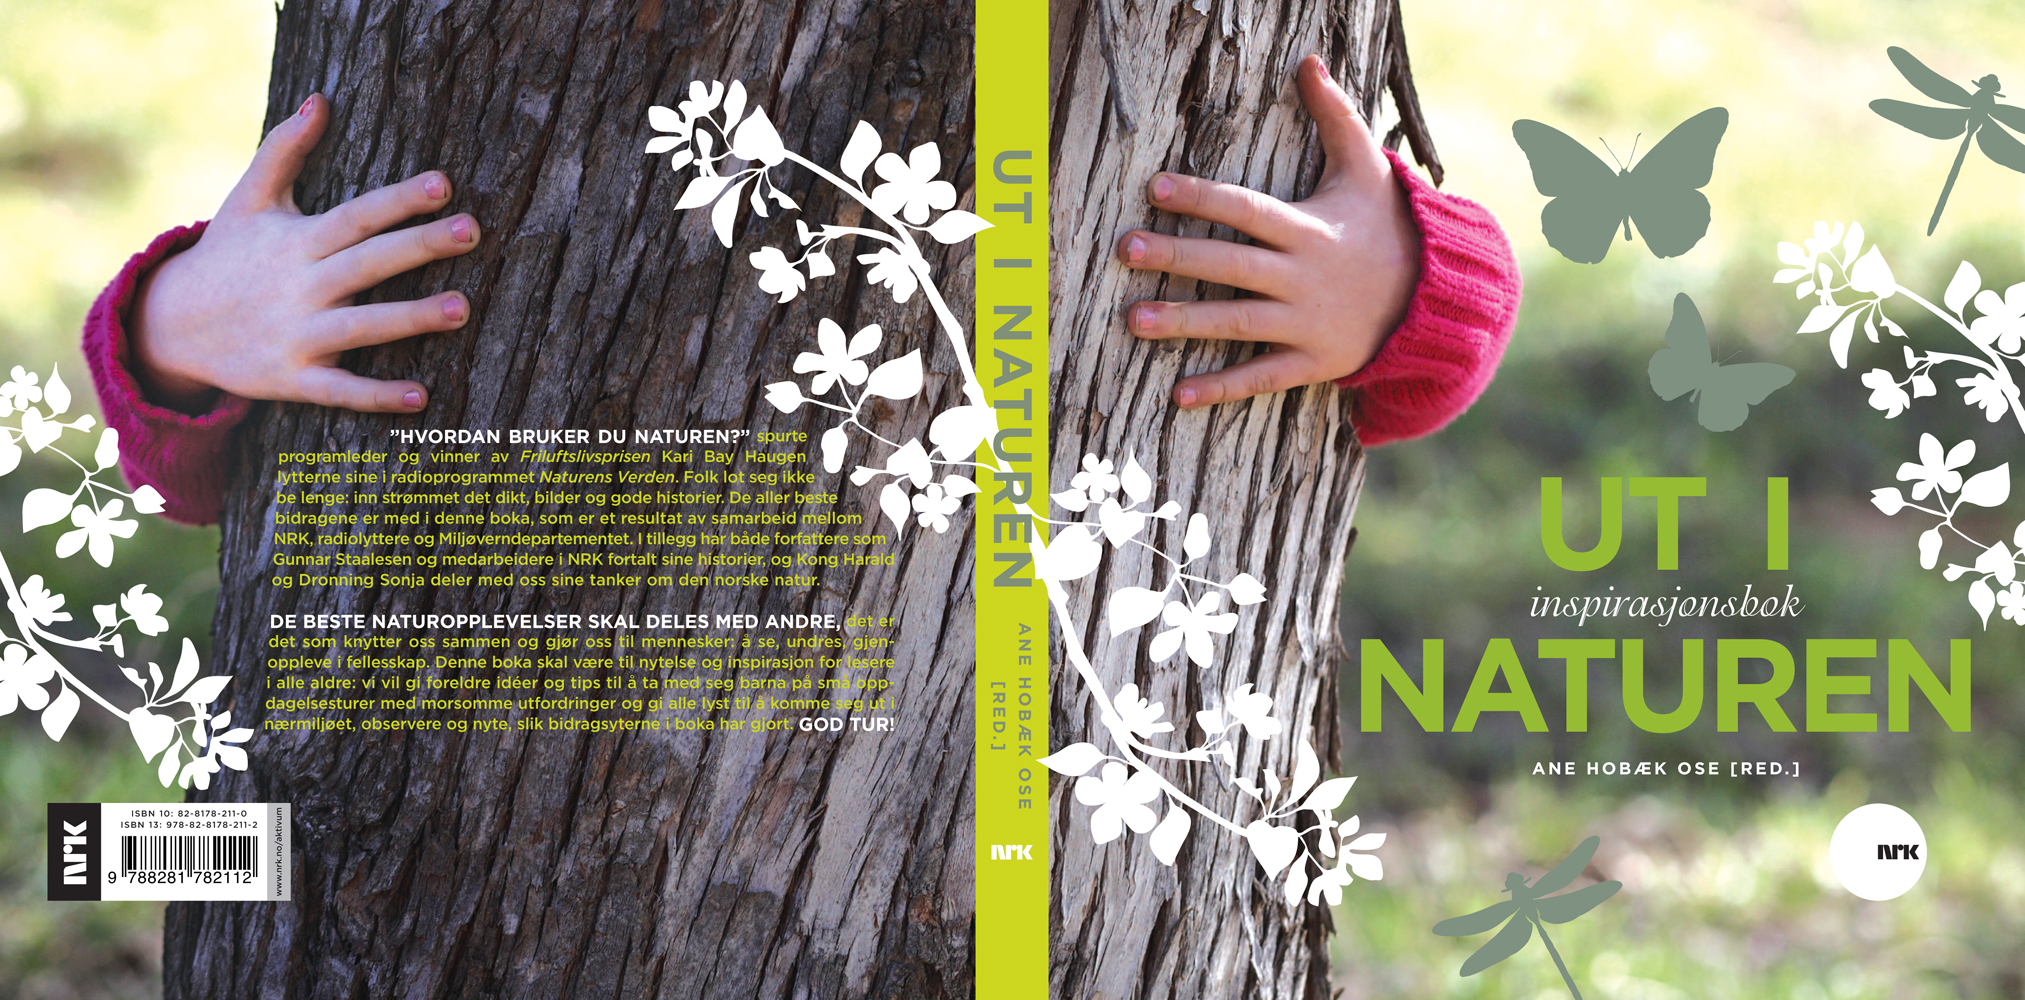 Ut i naturen [ omslag ]